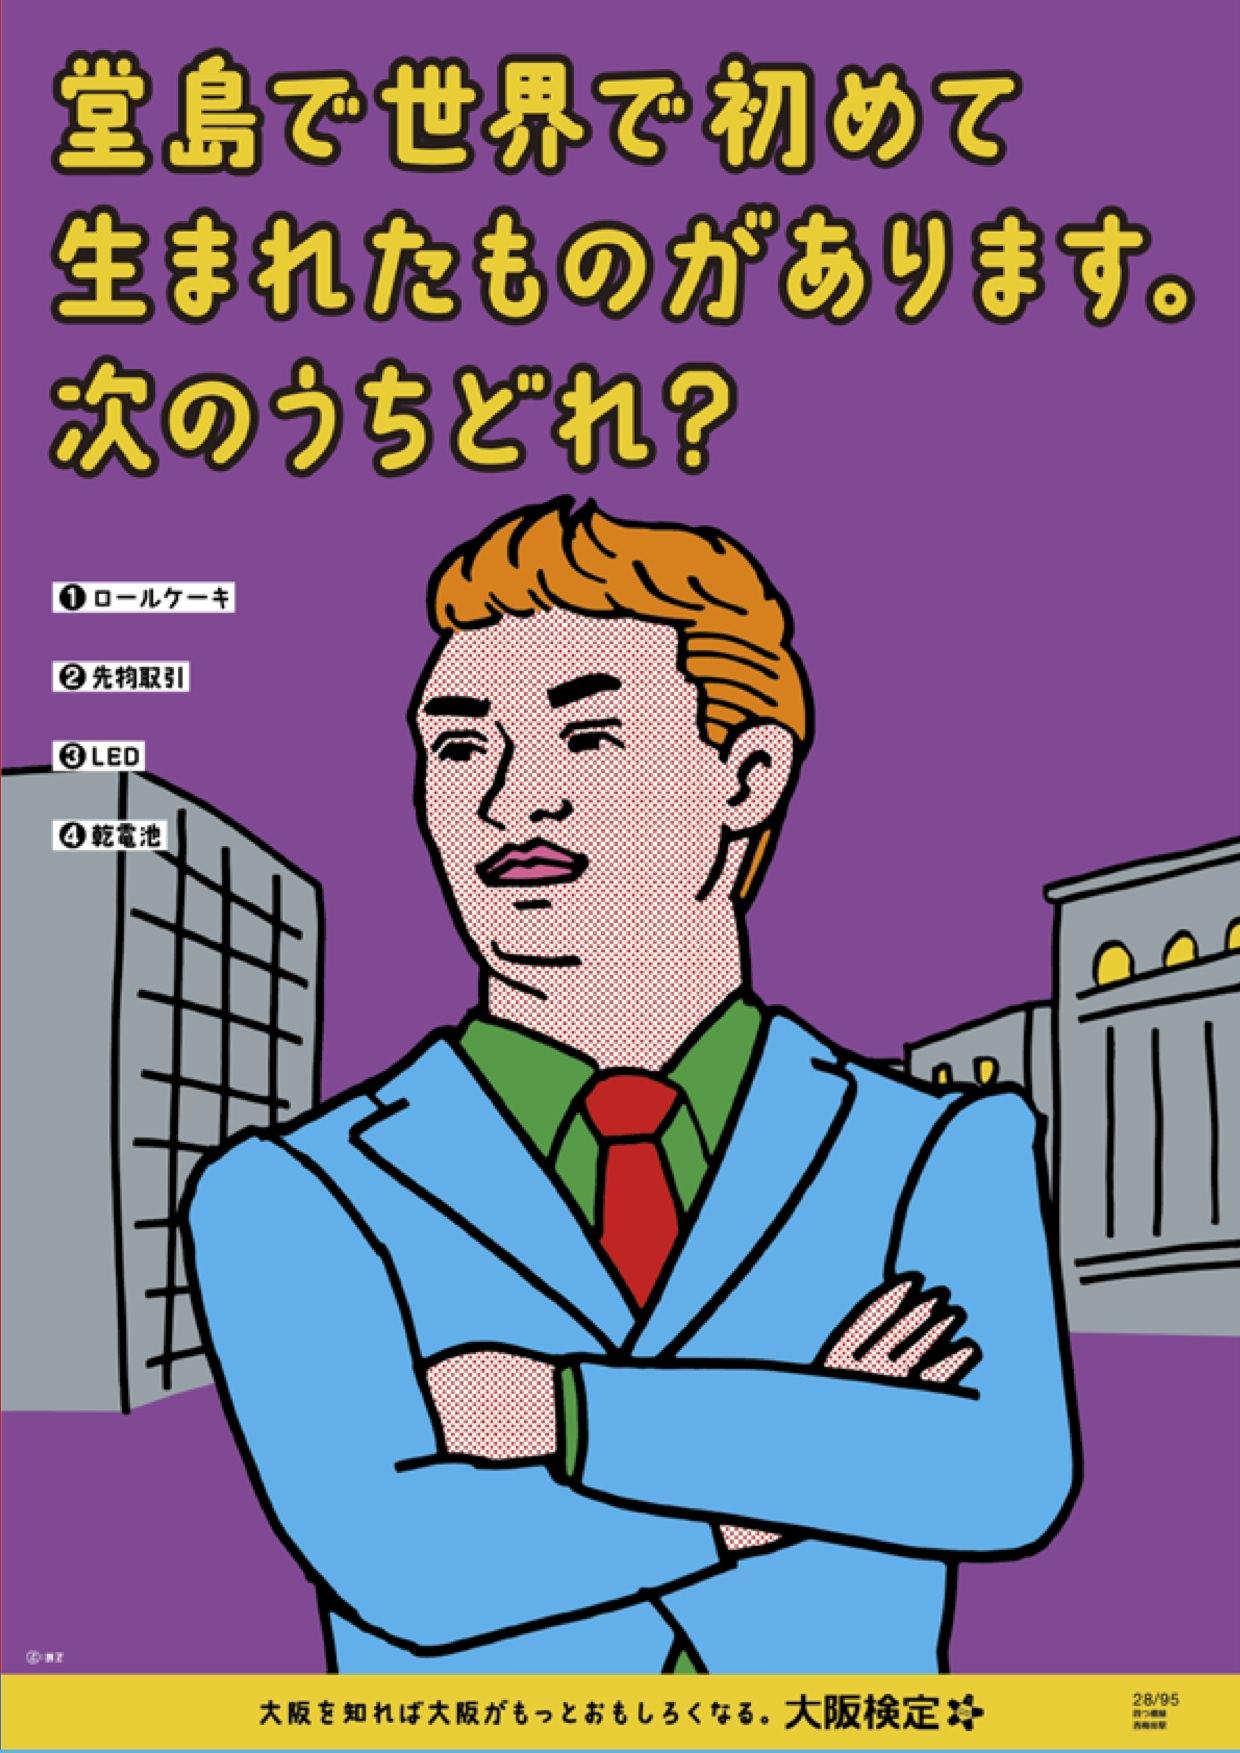 大阪検定2016